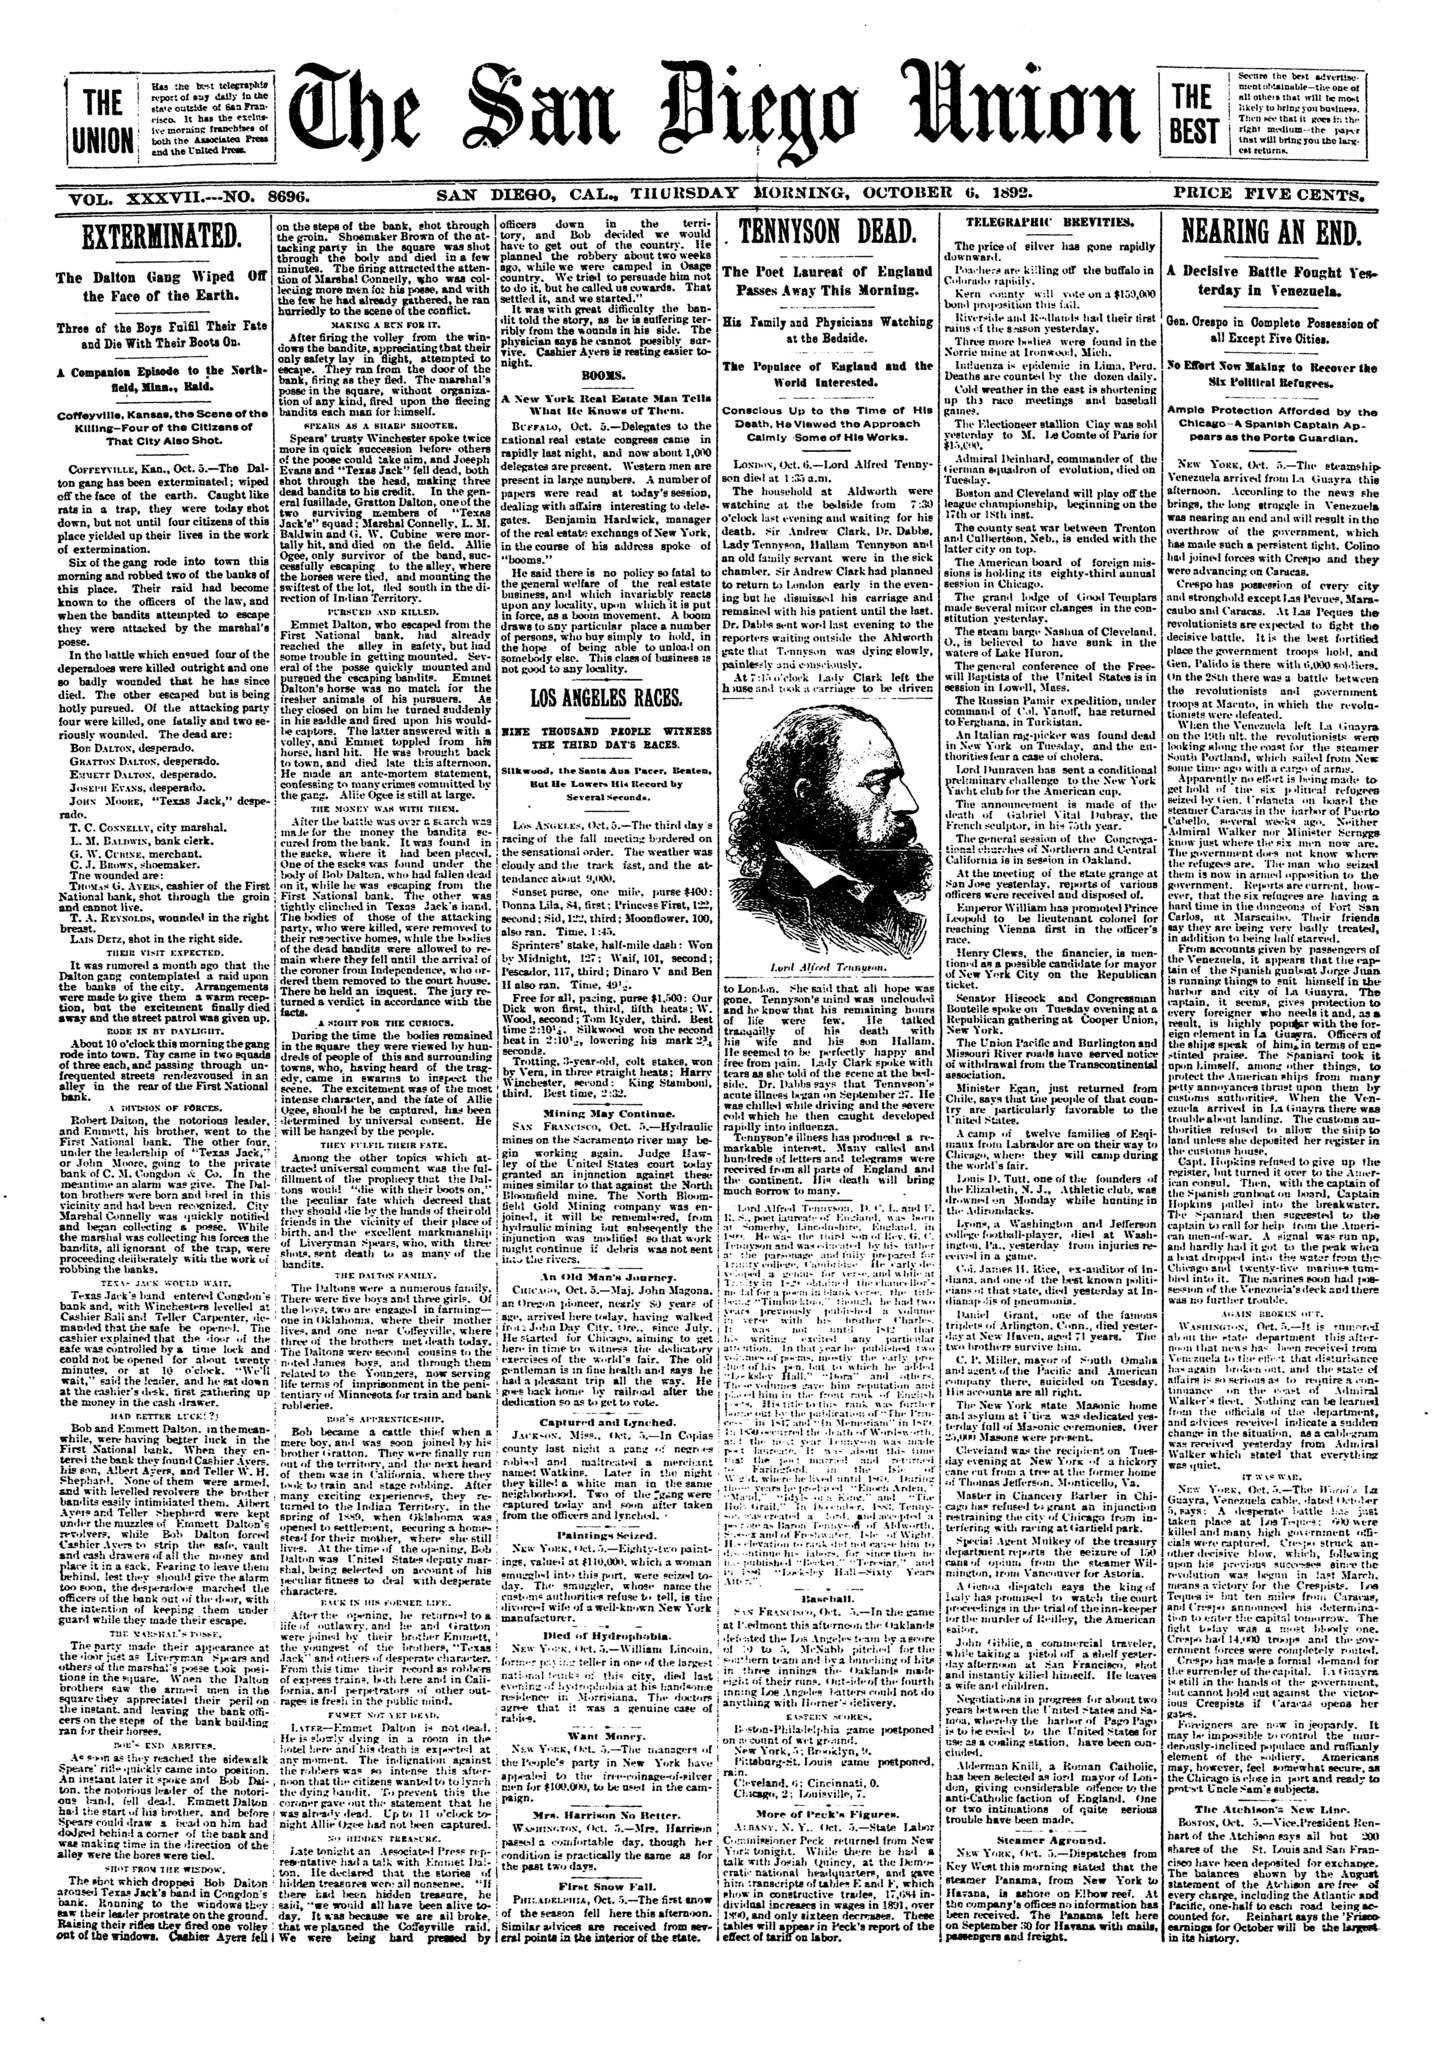 October 6, 1892